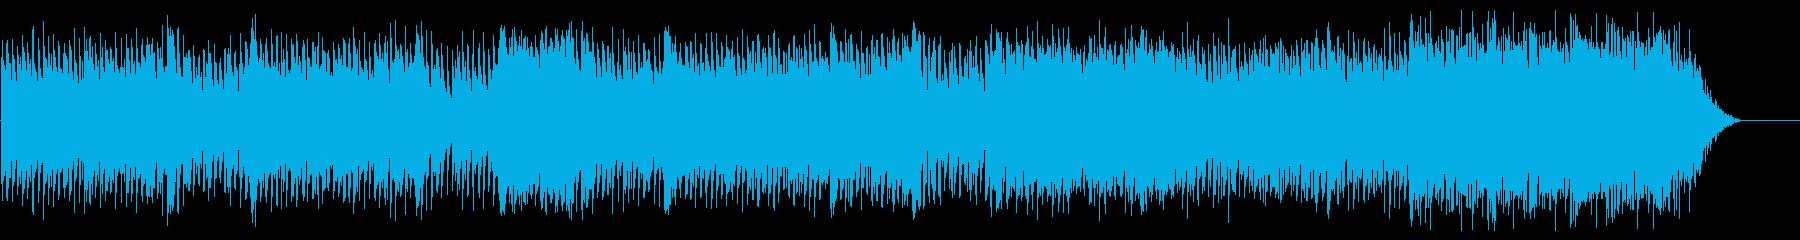 フォークポップの再生済みの波形